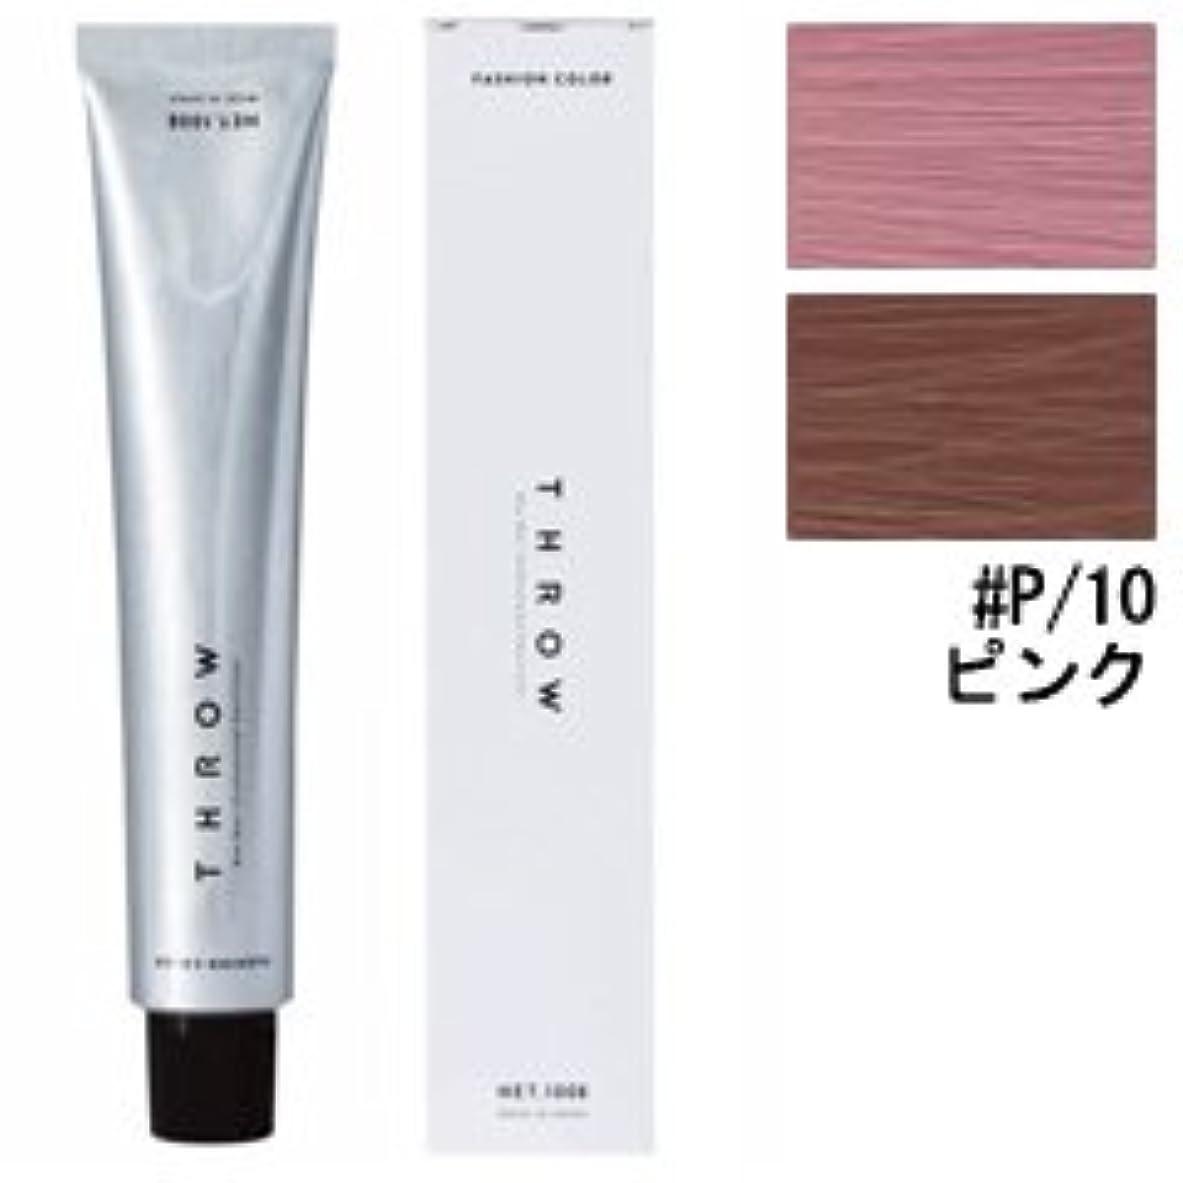 内向き復活み【モルトベーネ】スロウ ファッションカラー #P/10 ピンク 100g